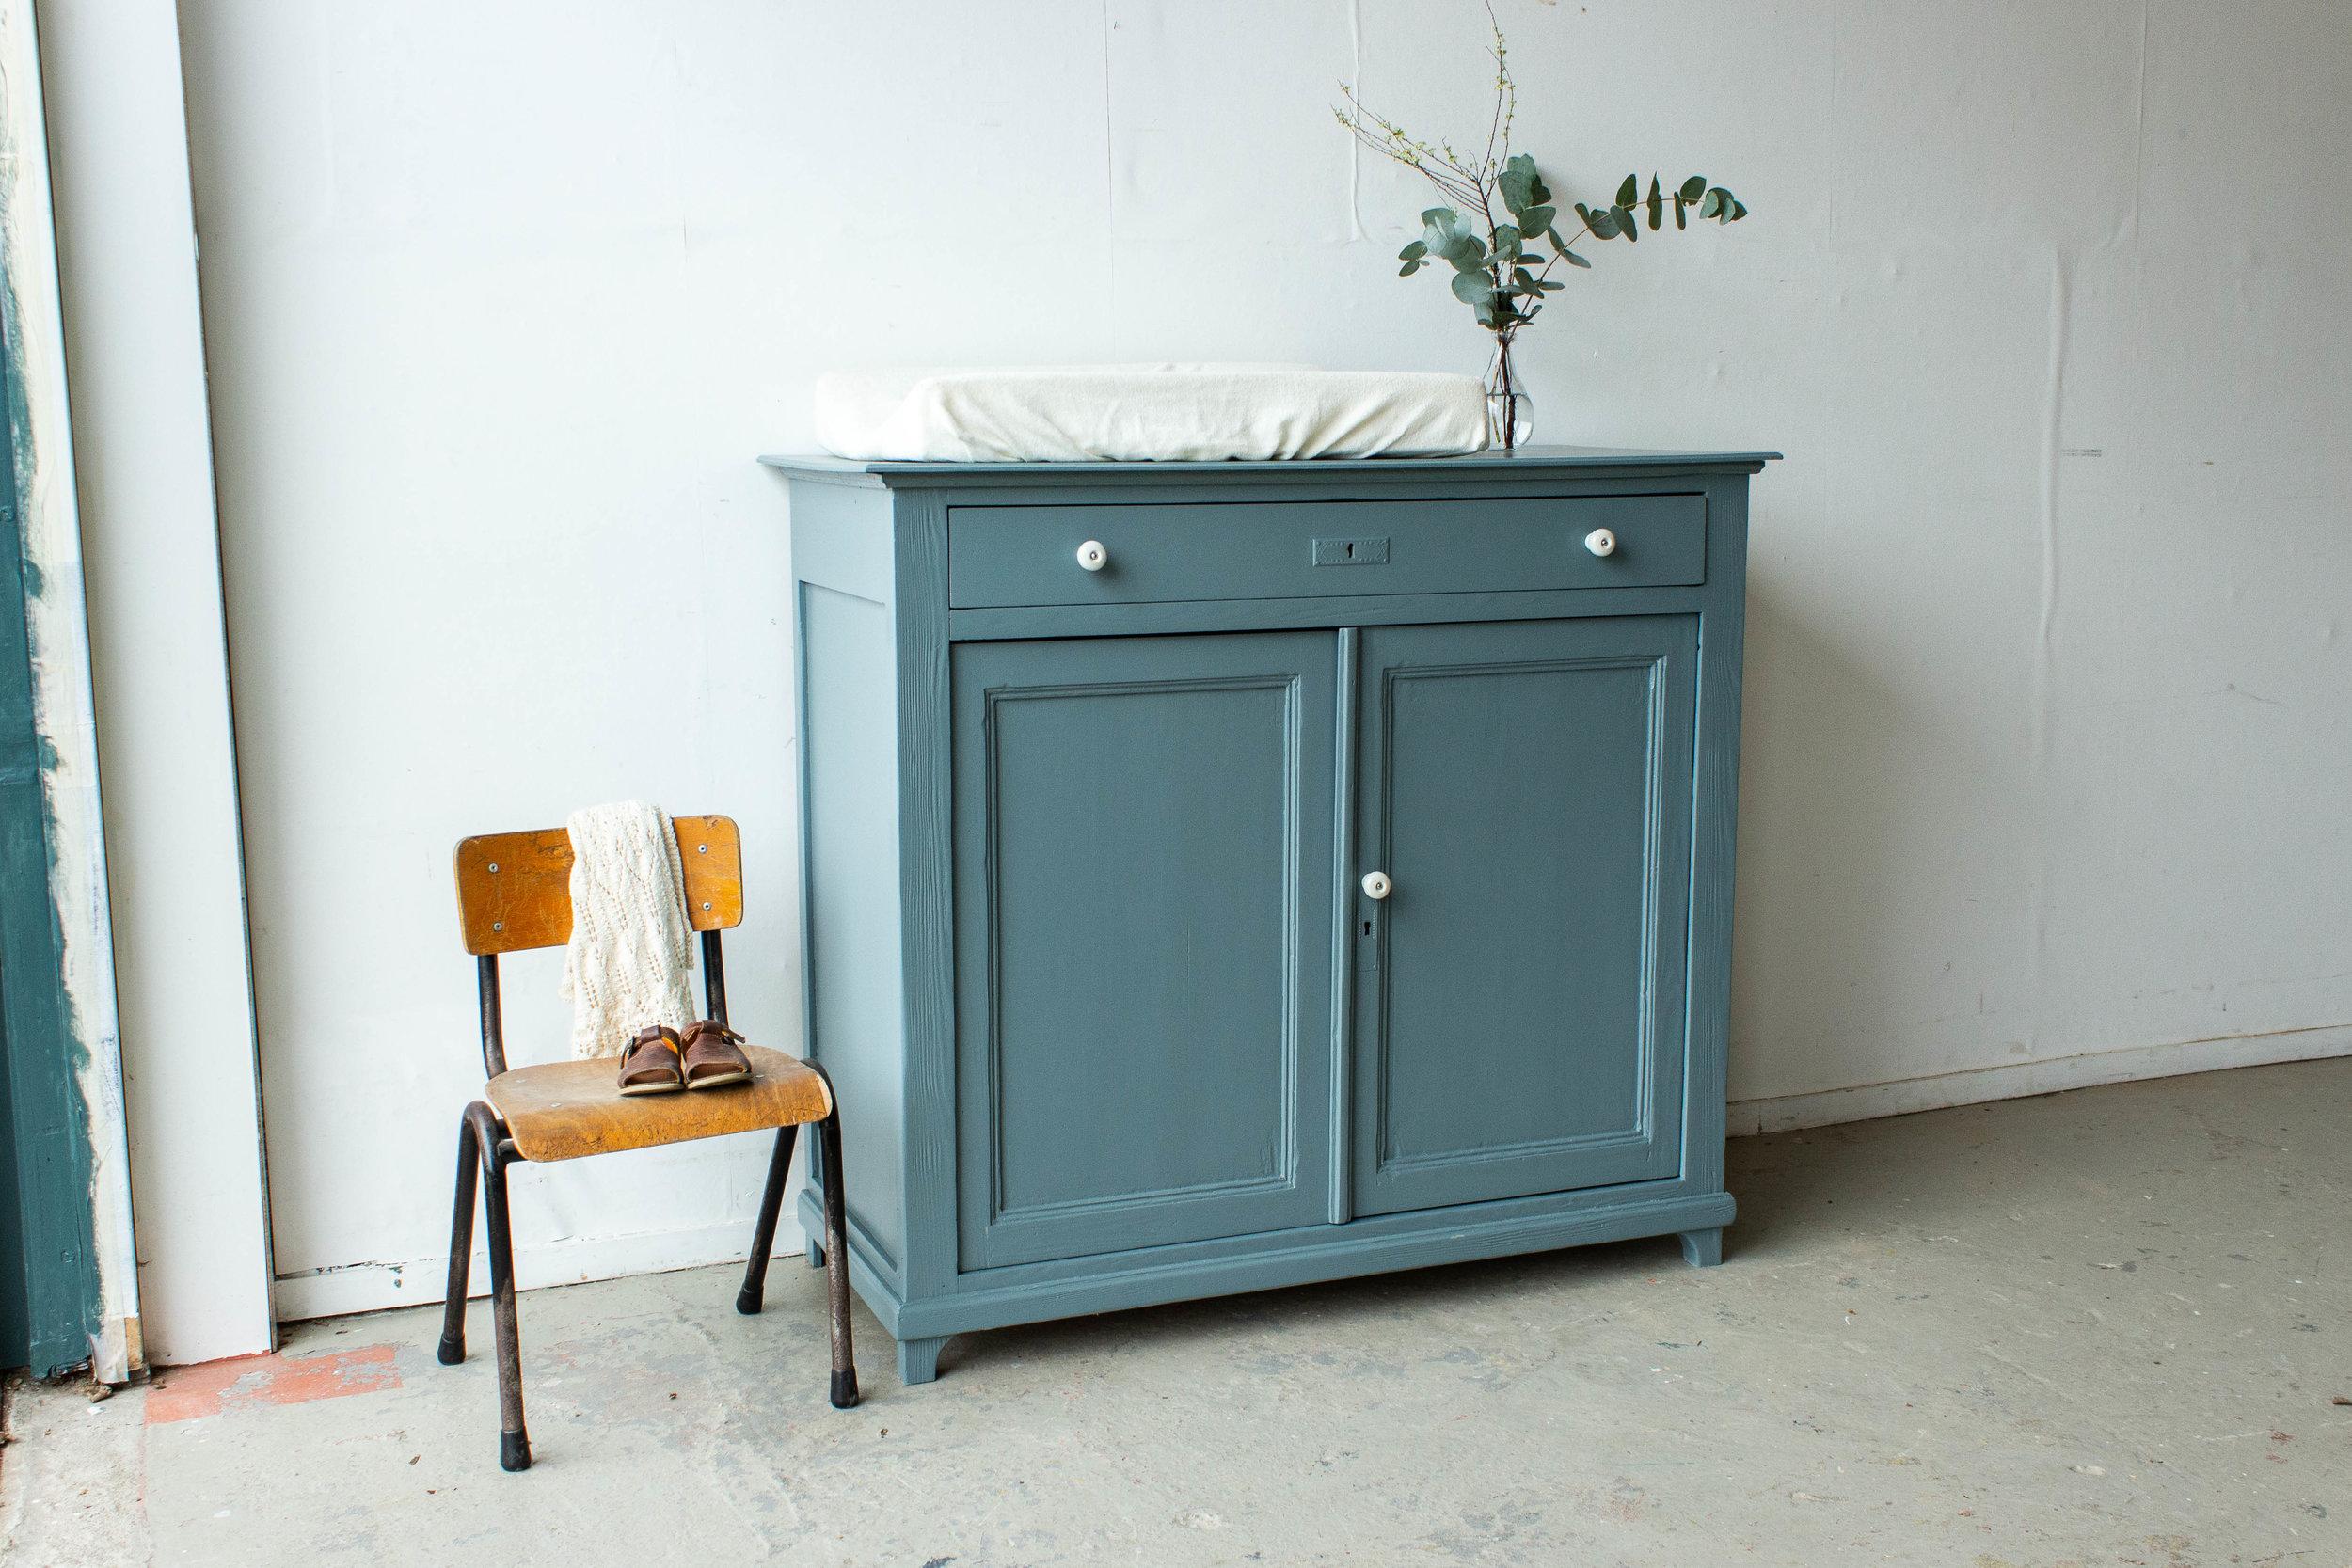 2184 - Grijsblauwe vintage commode.jpg